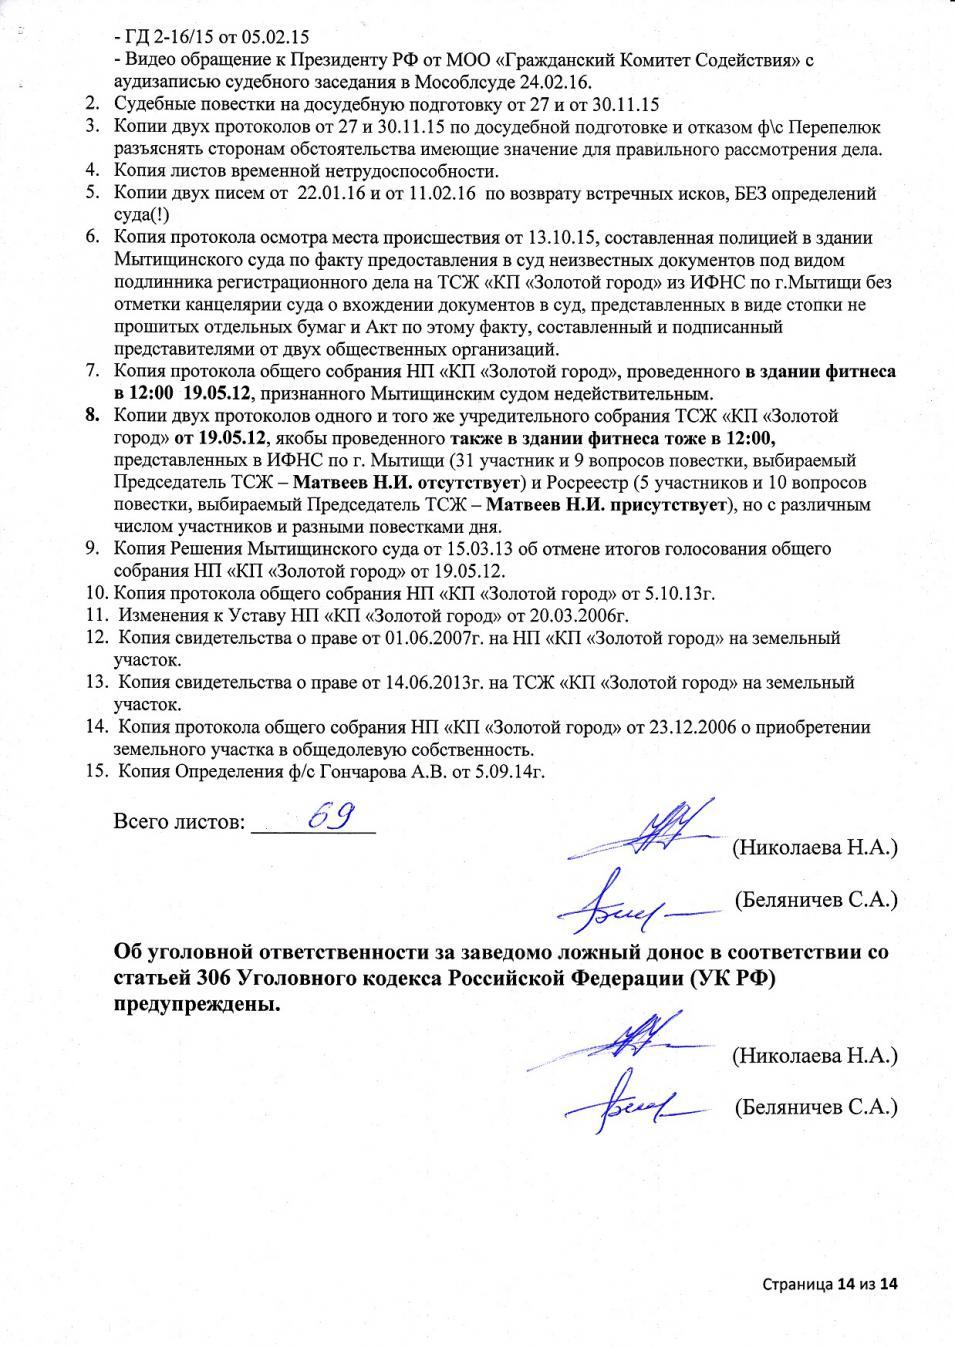 возражение на заявление по ст116 укрф подачей